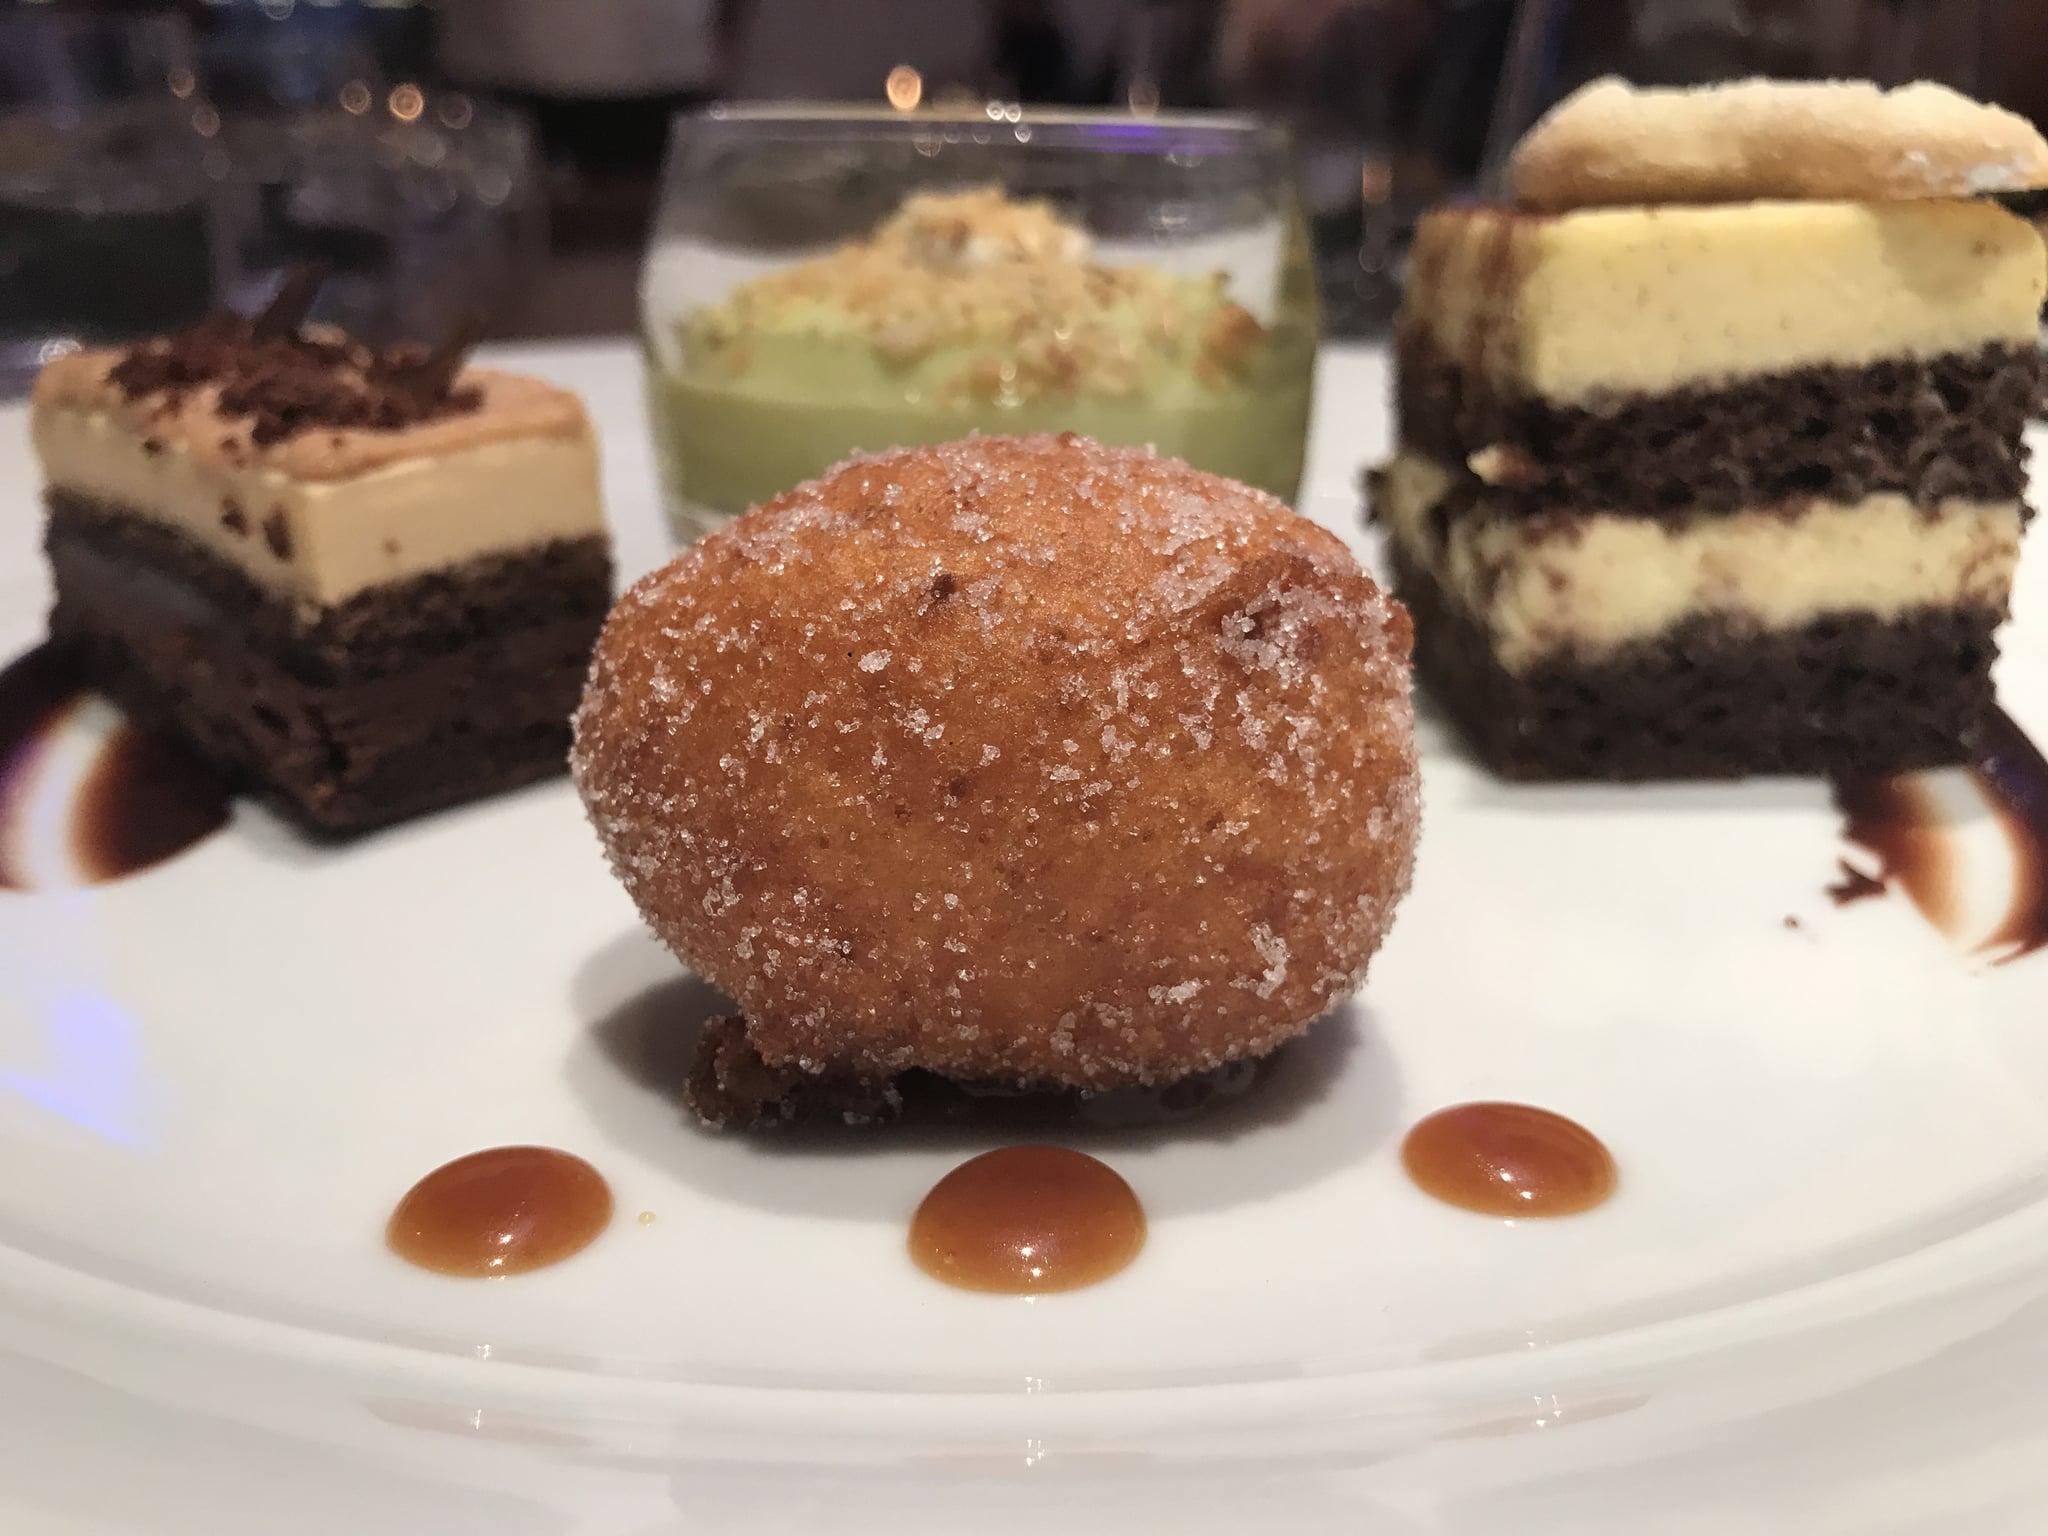 Desserts at Wolfgang Puck's Culina